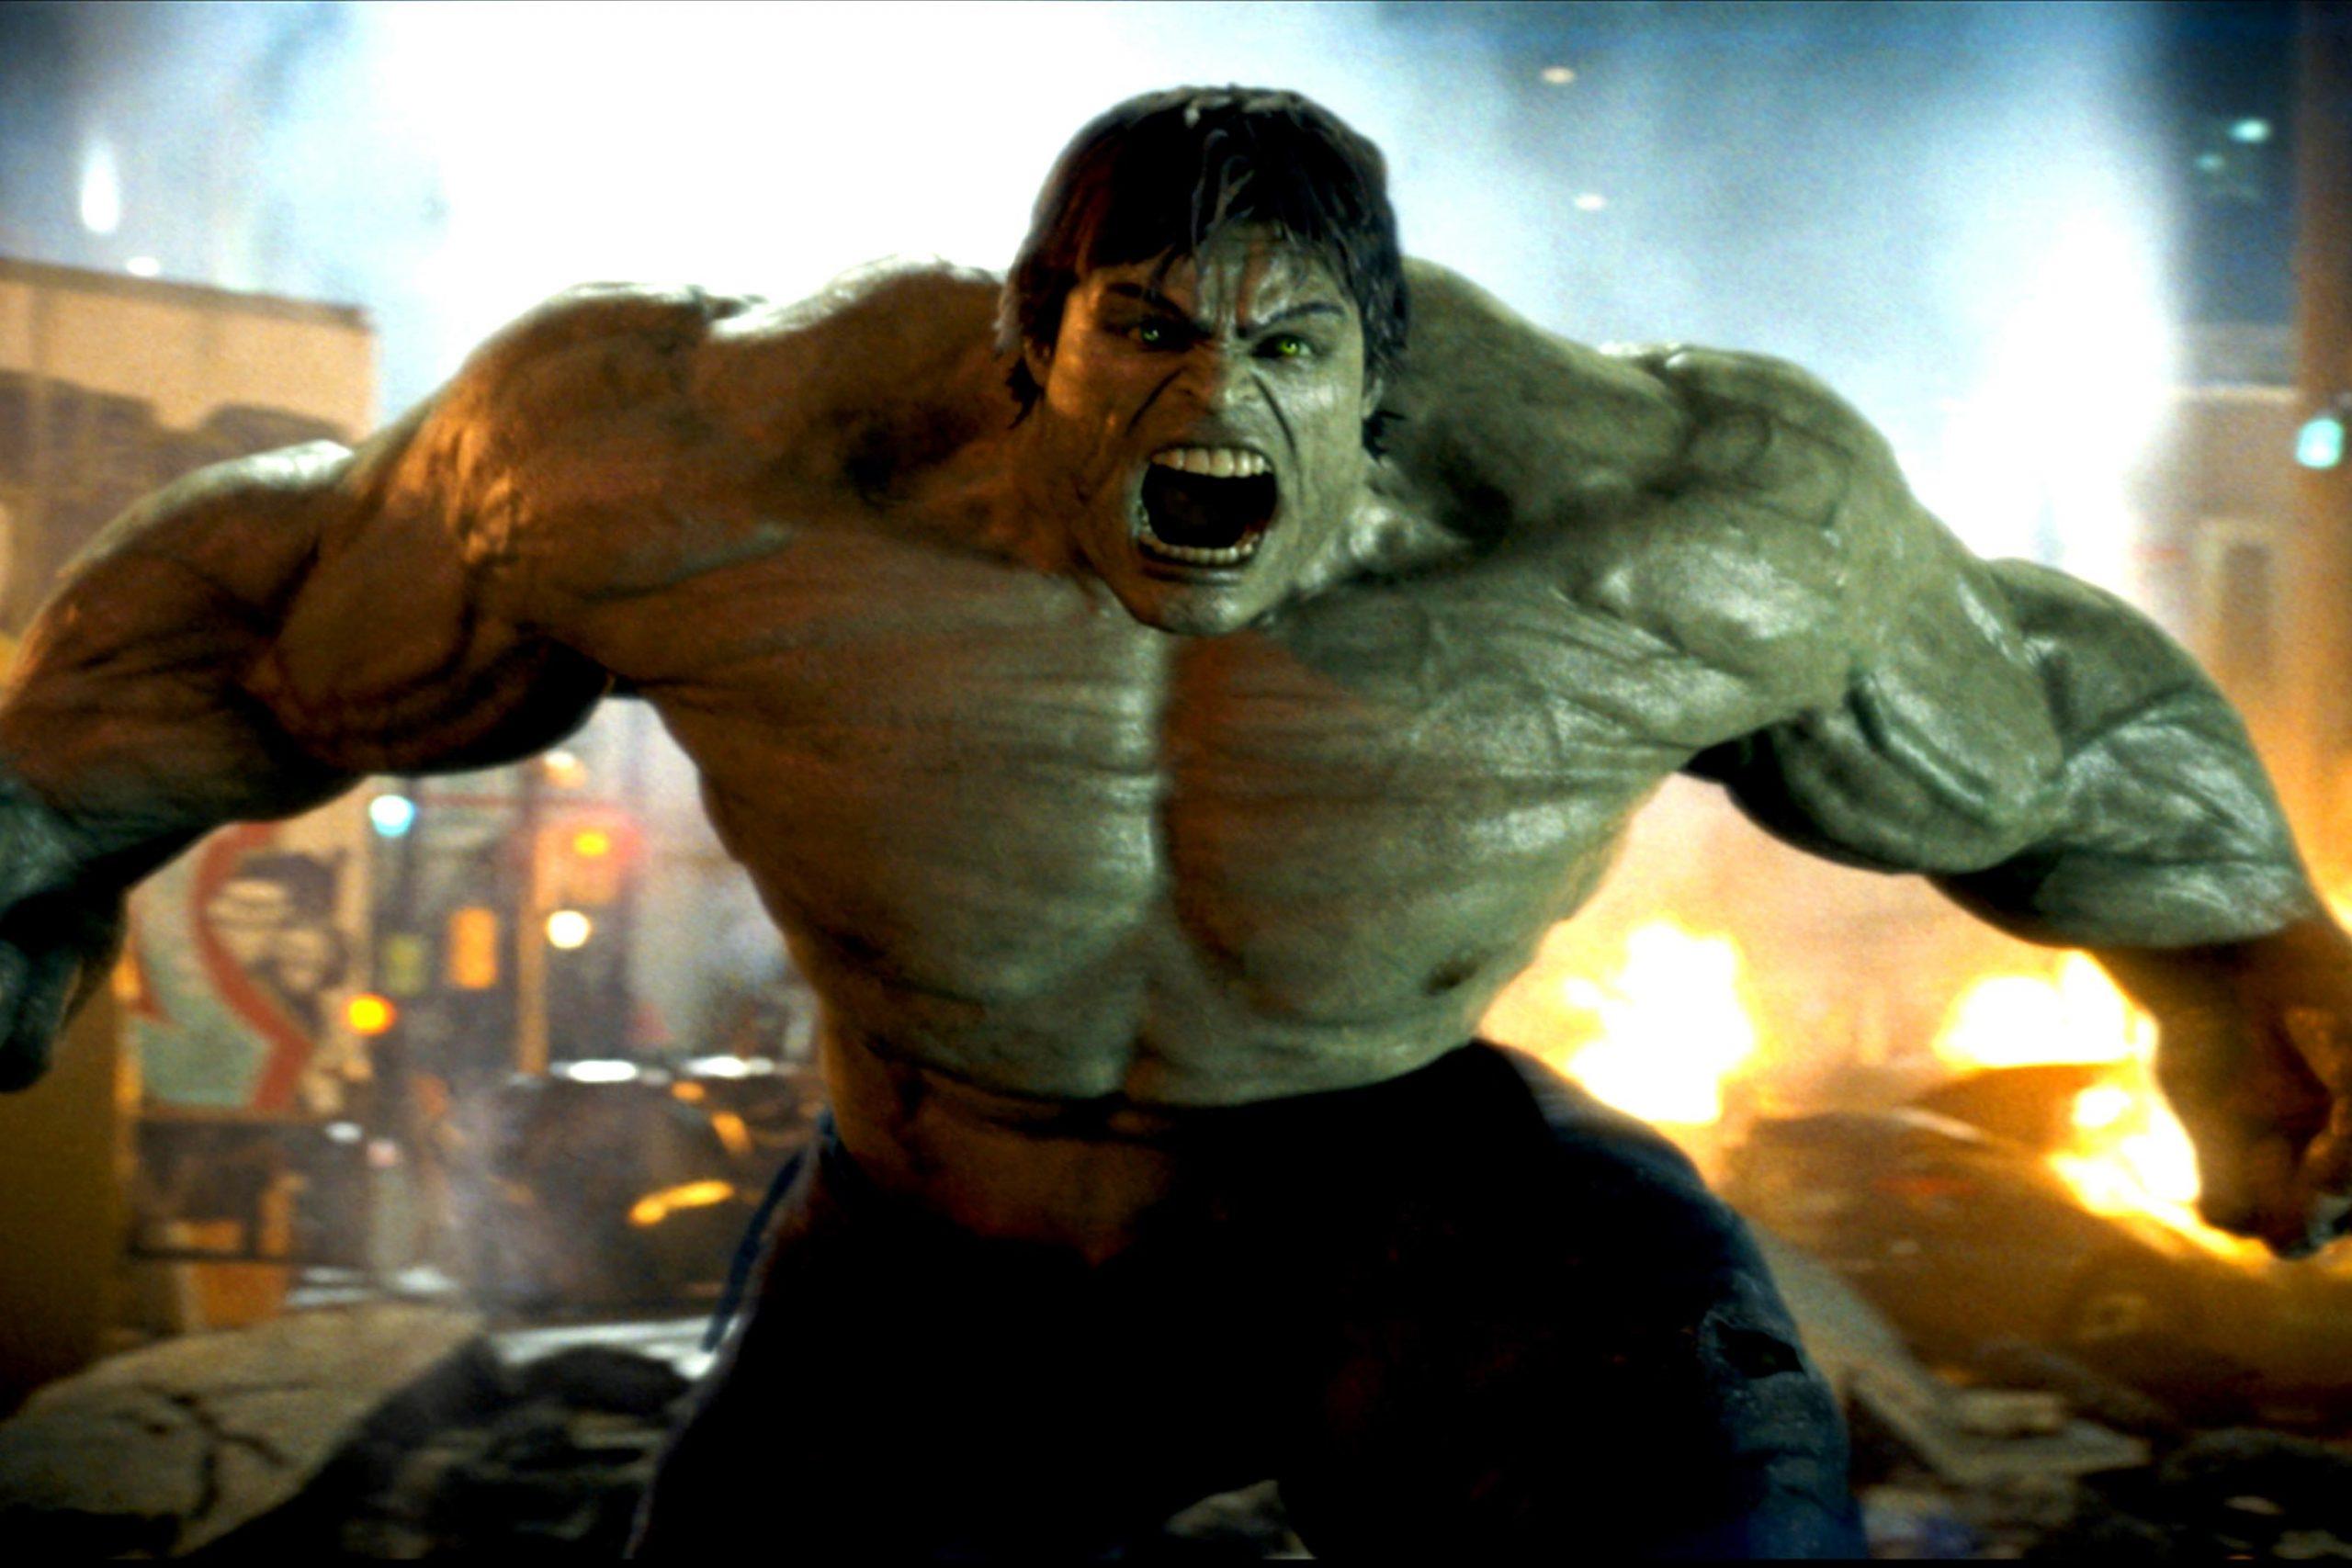 15. Hulk - 508 788 031 USD